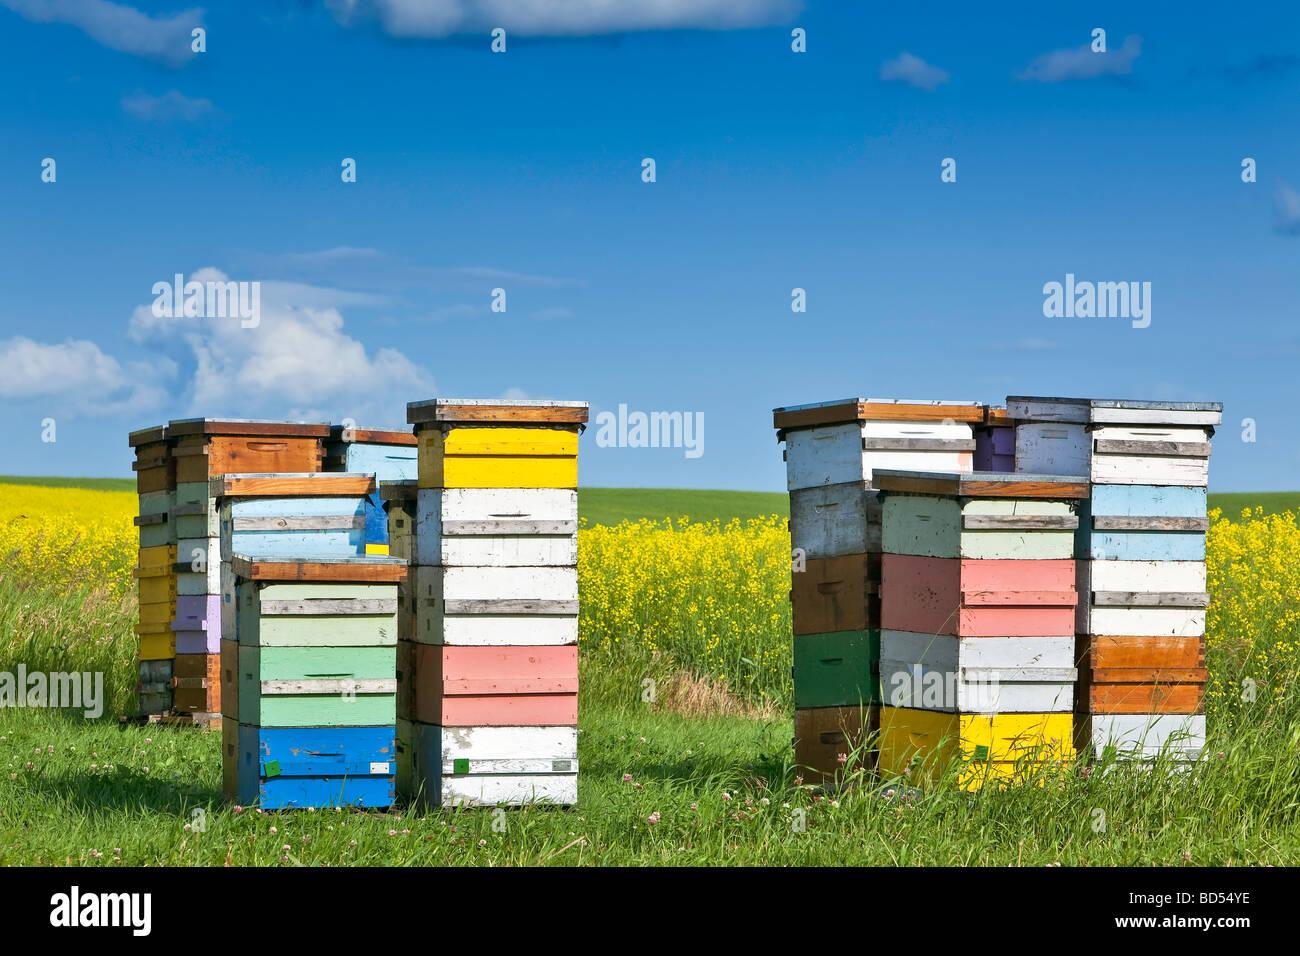 Bienenstöcke im bunten Boxen in der kanadischen Prärie, Pembina Valley, Manitoba, Kanada. Stockbild